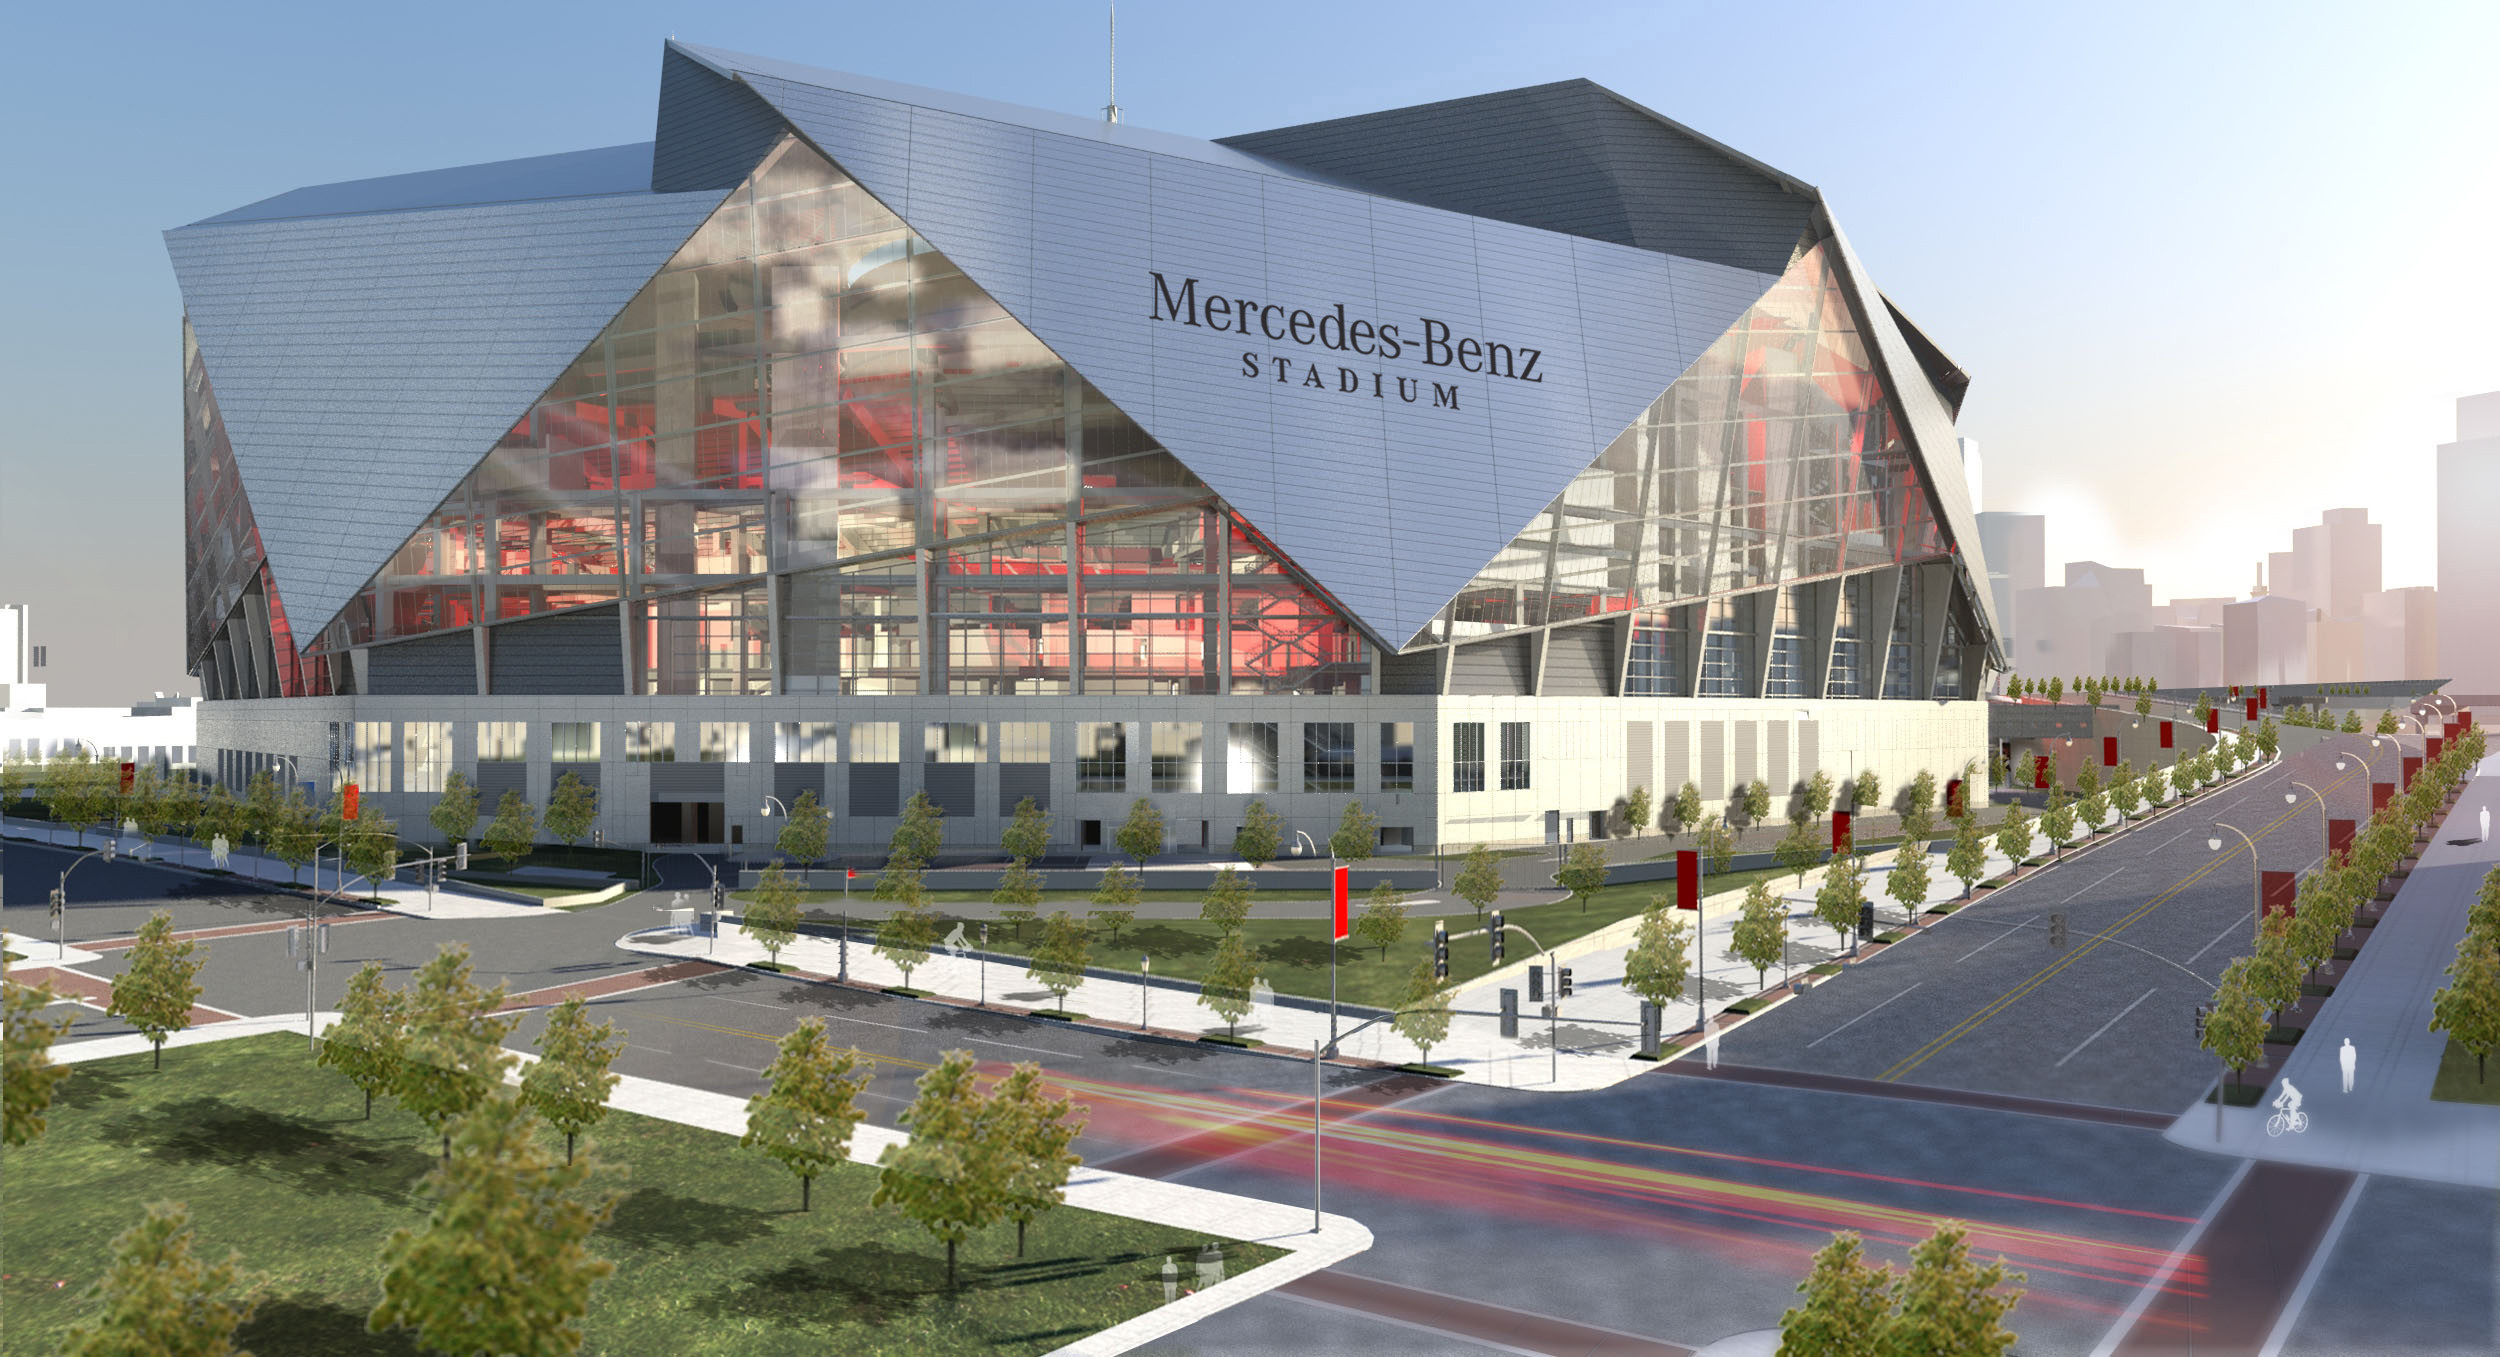 MB-Stadium-Northside.jpg